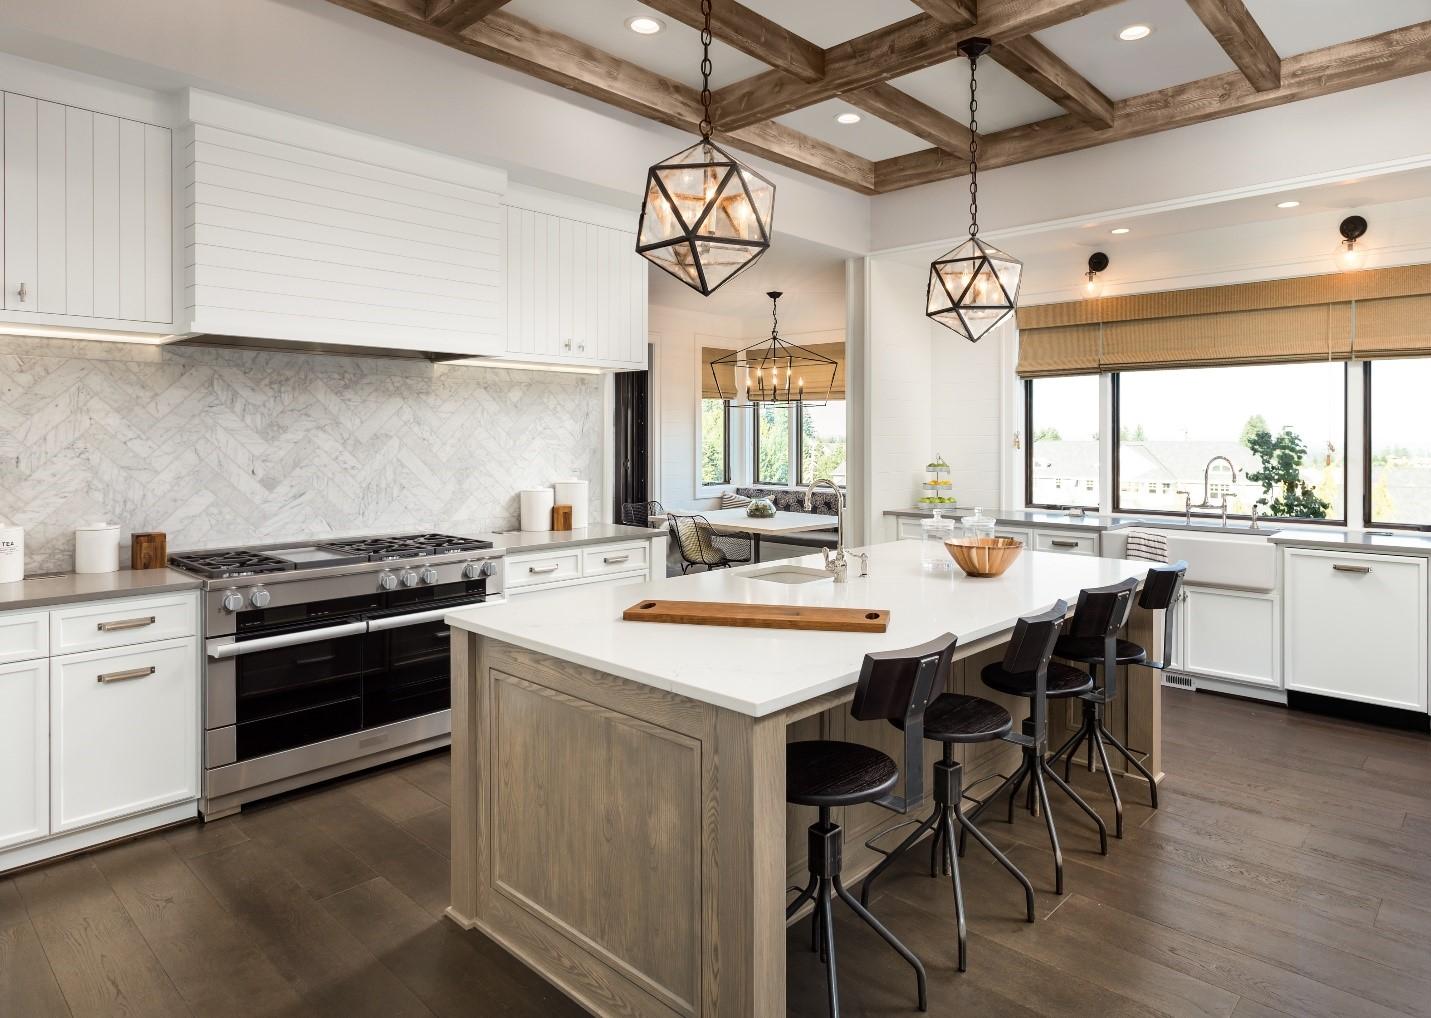 Waco Real Estate Lifestyle Photo 01